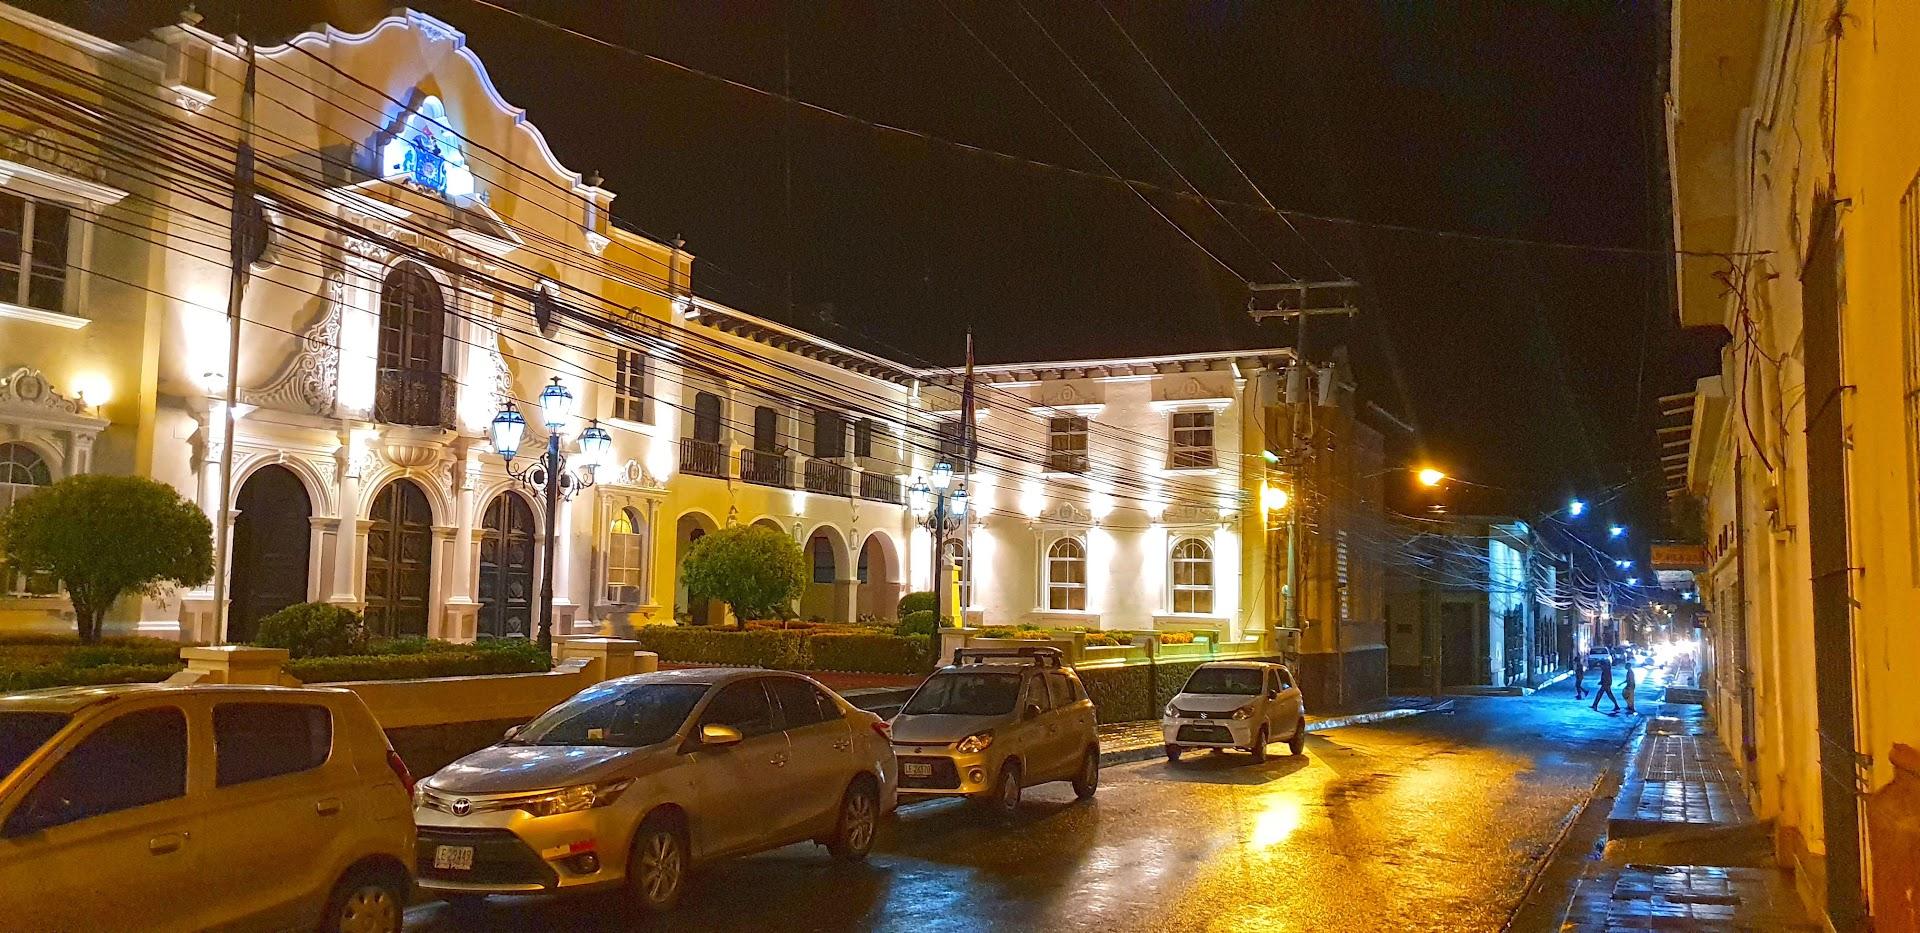 LEÓN - NICARÁGUA | O que ver e fazer quando visitar a cidade mais bela do país